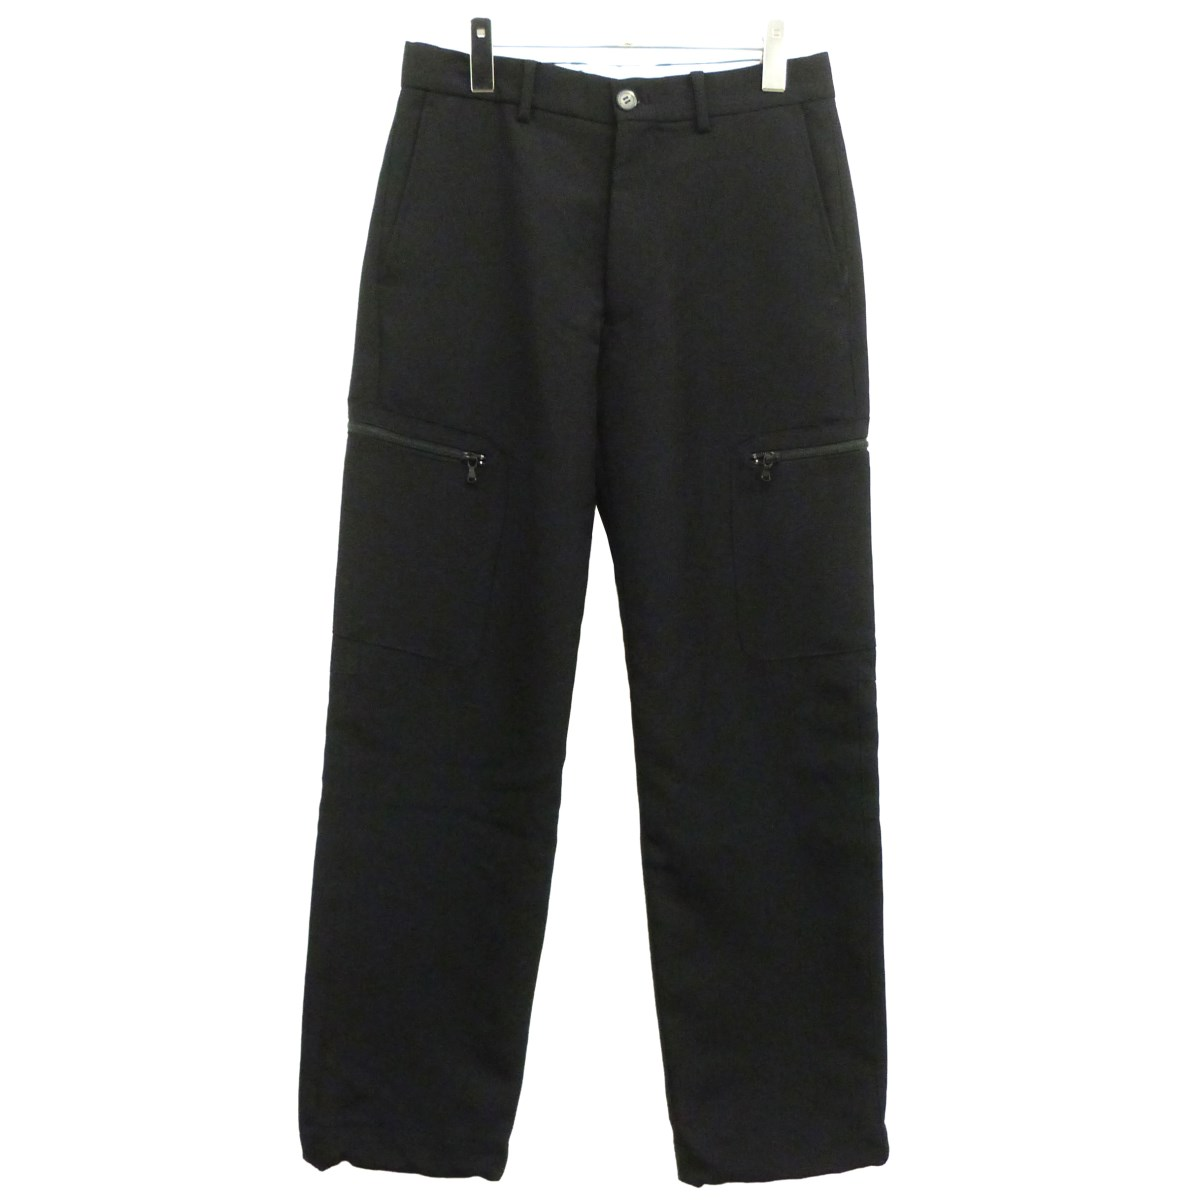 【中古】ALLEGE 19AW「Wool Side Pocket Pants」ウールサイドポケットパンツ ブラック サイズ:1 【060220】(アレッジ)